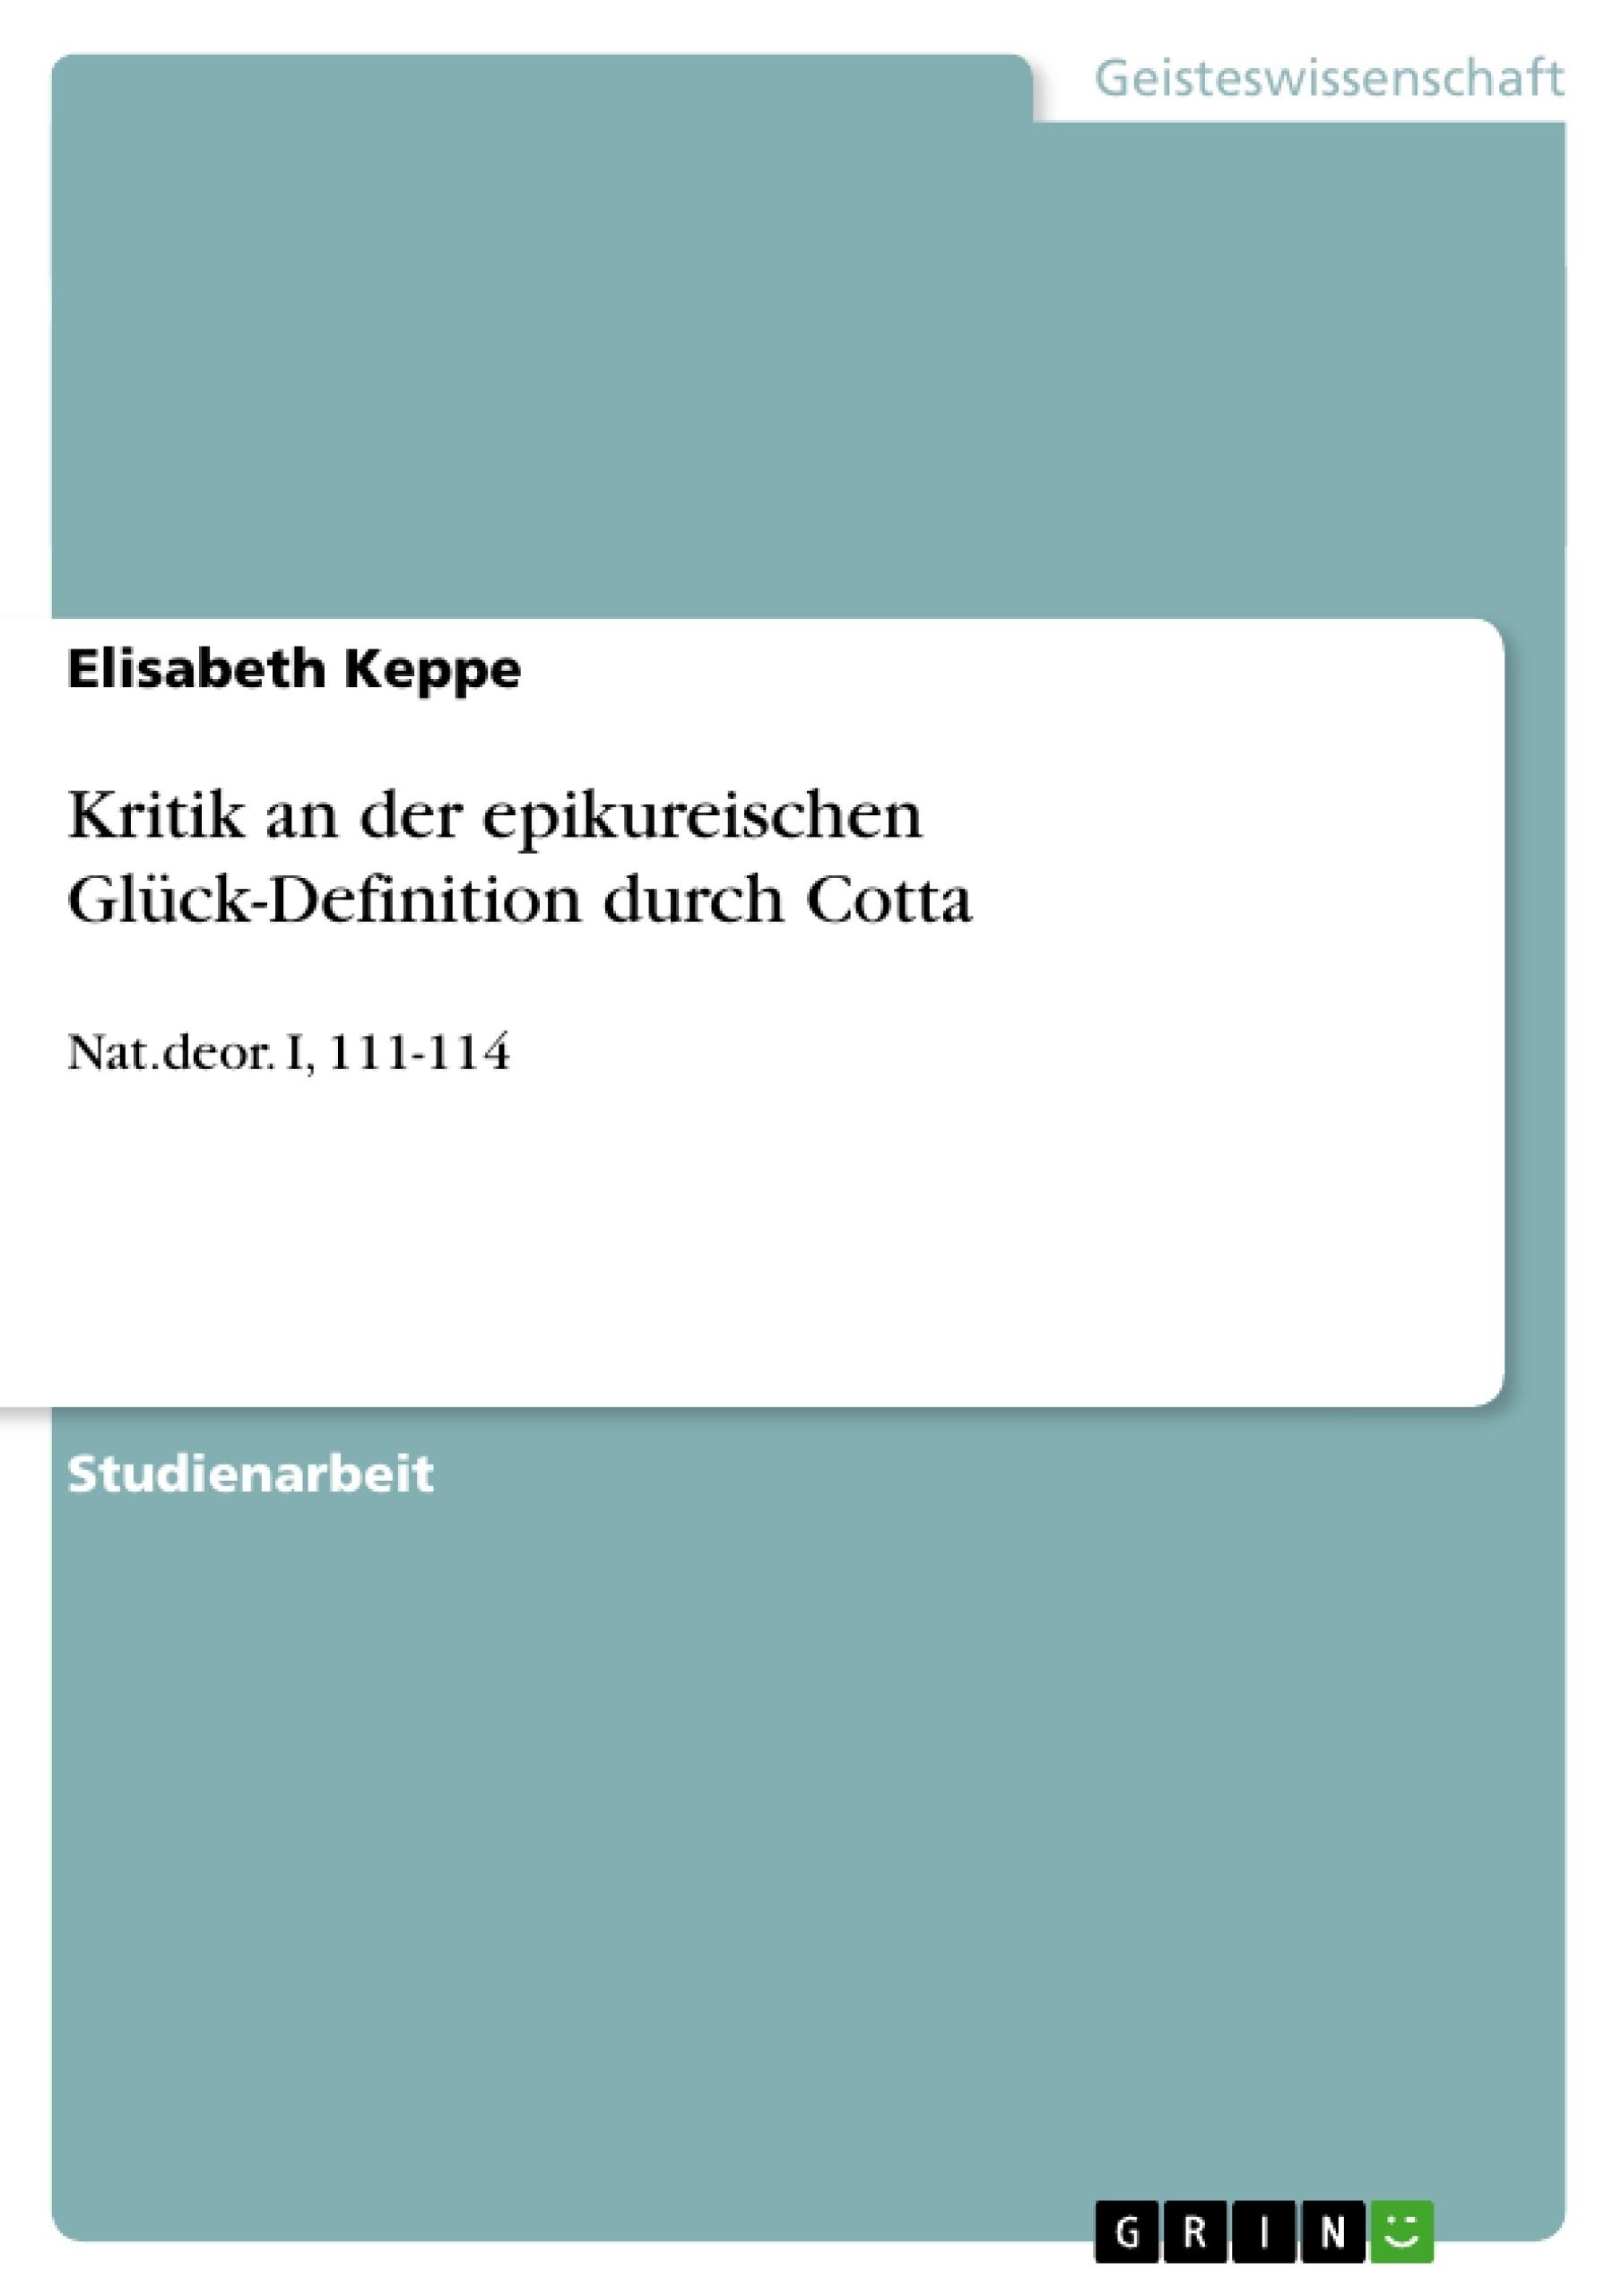 Titel: Kritik an der epikureischen Glück-Definition durch Cotta